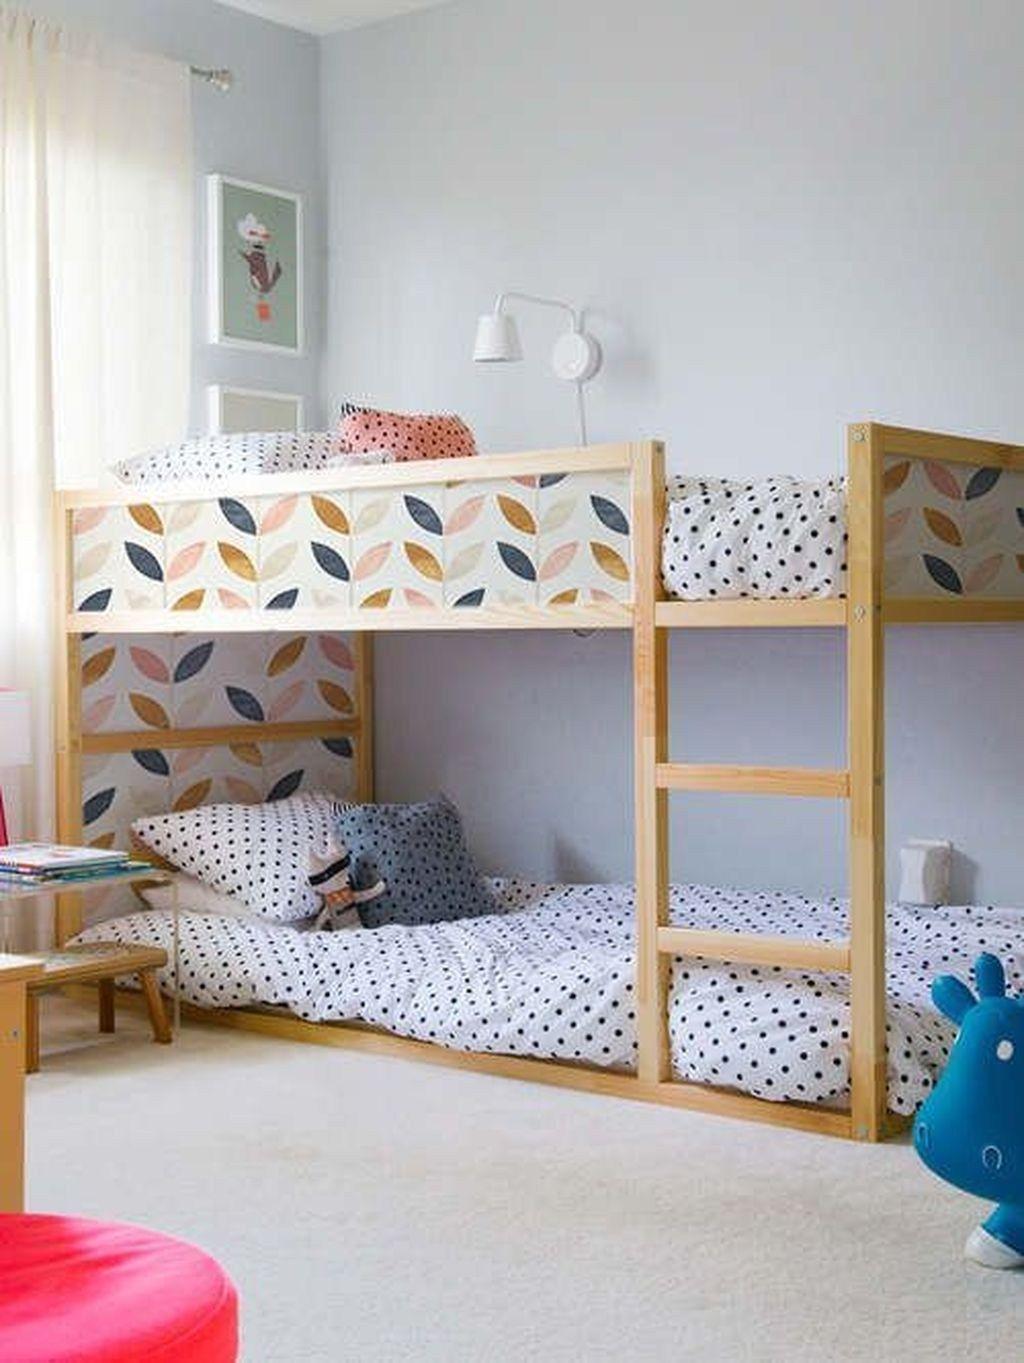 Cool Ikea Kura Beds Ideas For Your Kids Room11 Ikea Bedroom